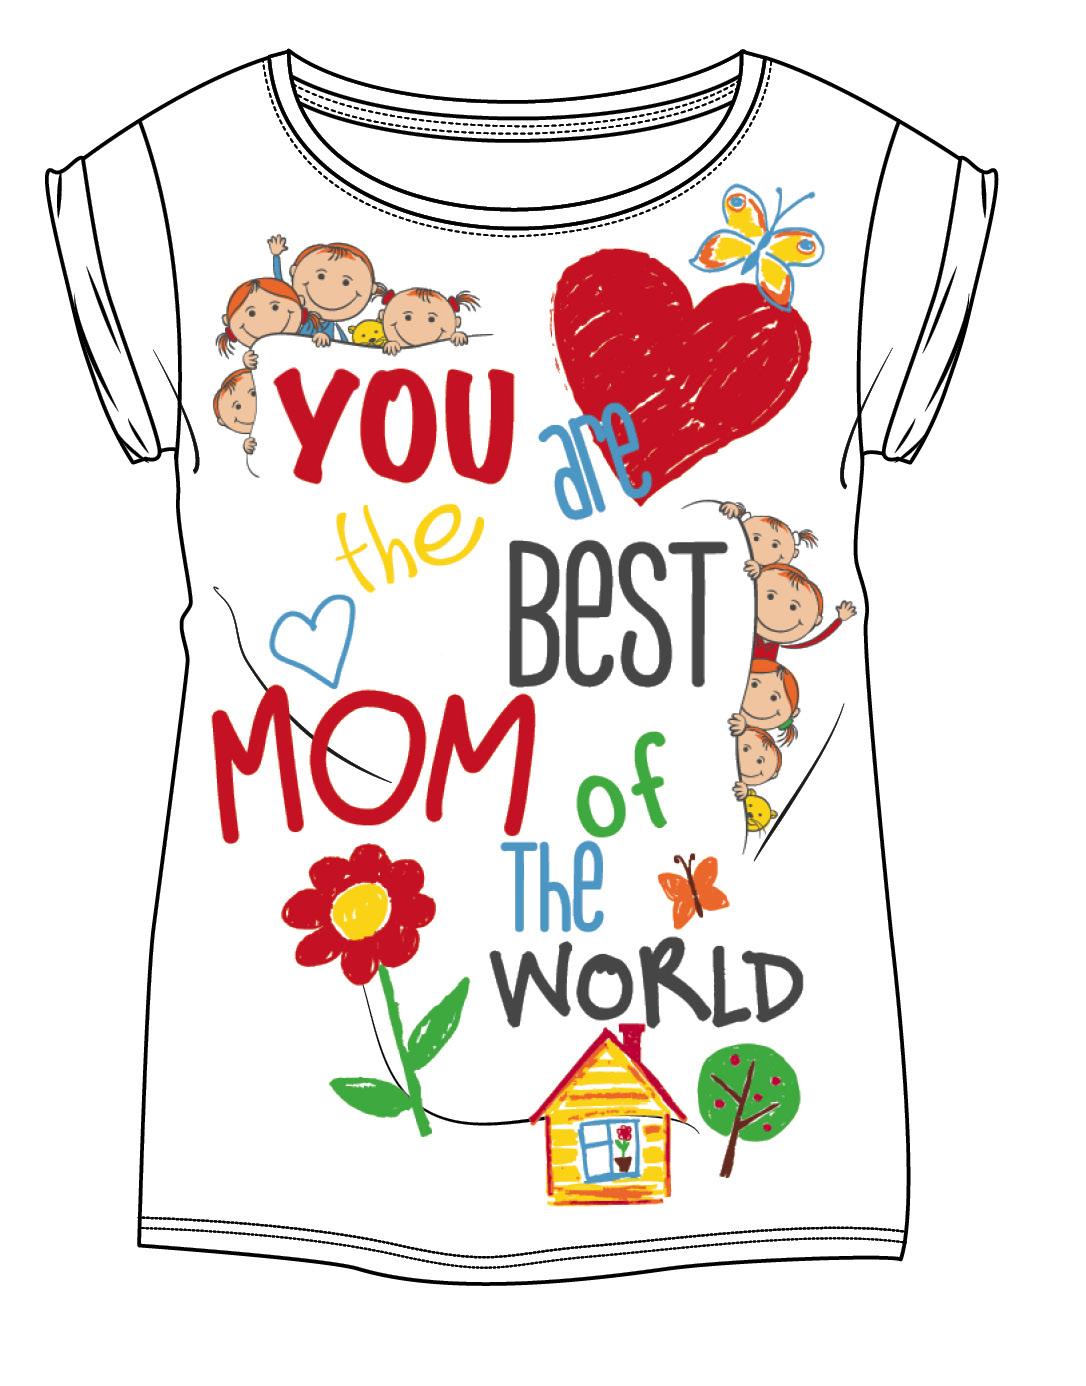 Festa della mamma 2016: i regali last minute